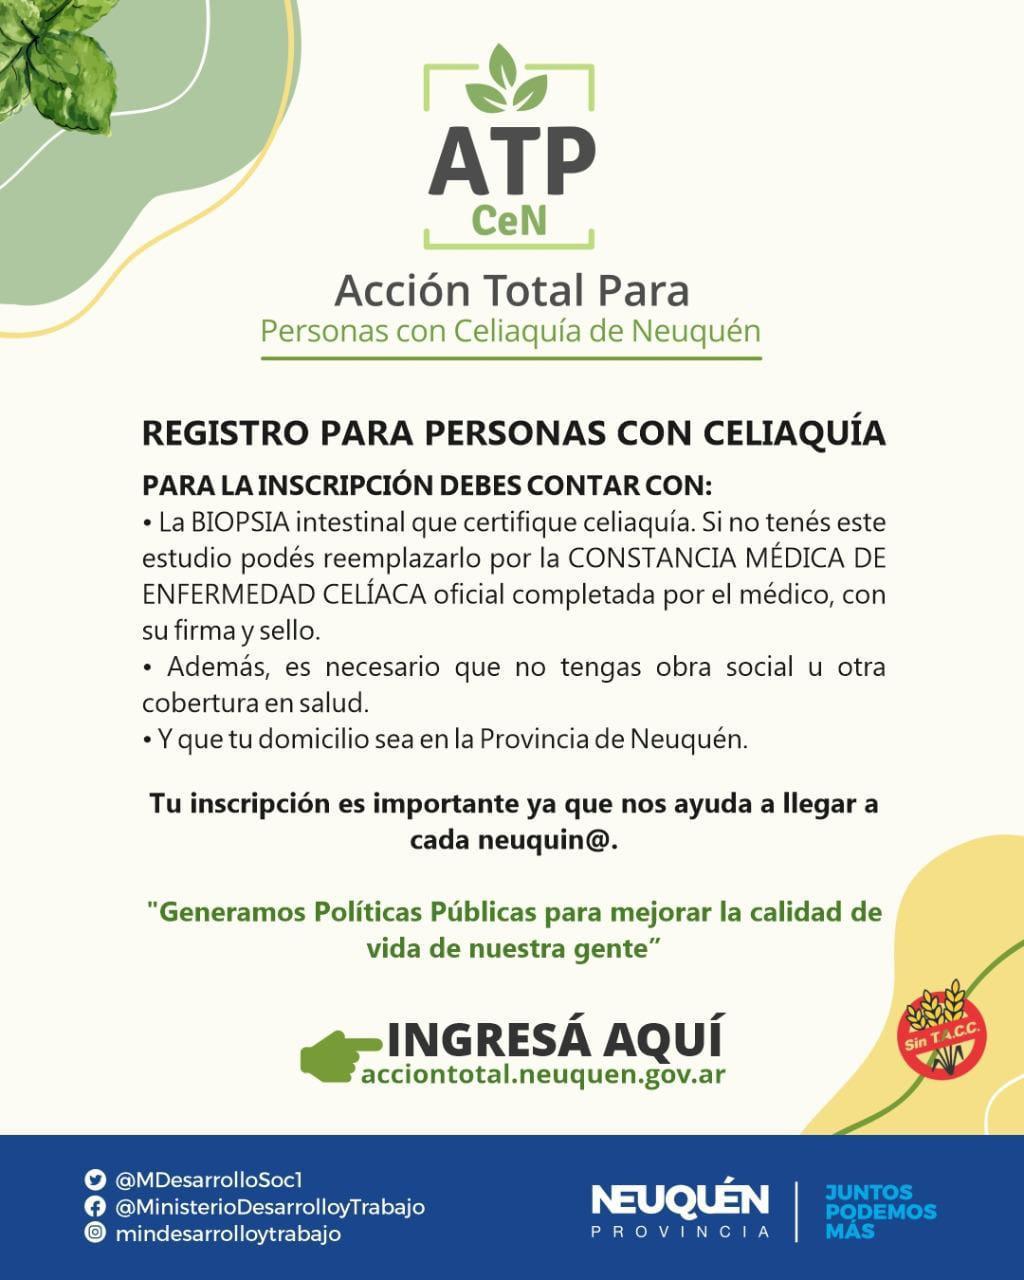 atpcen1